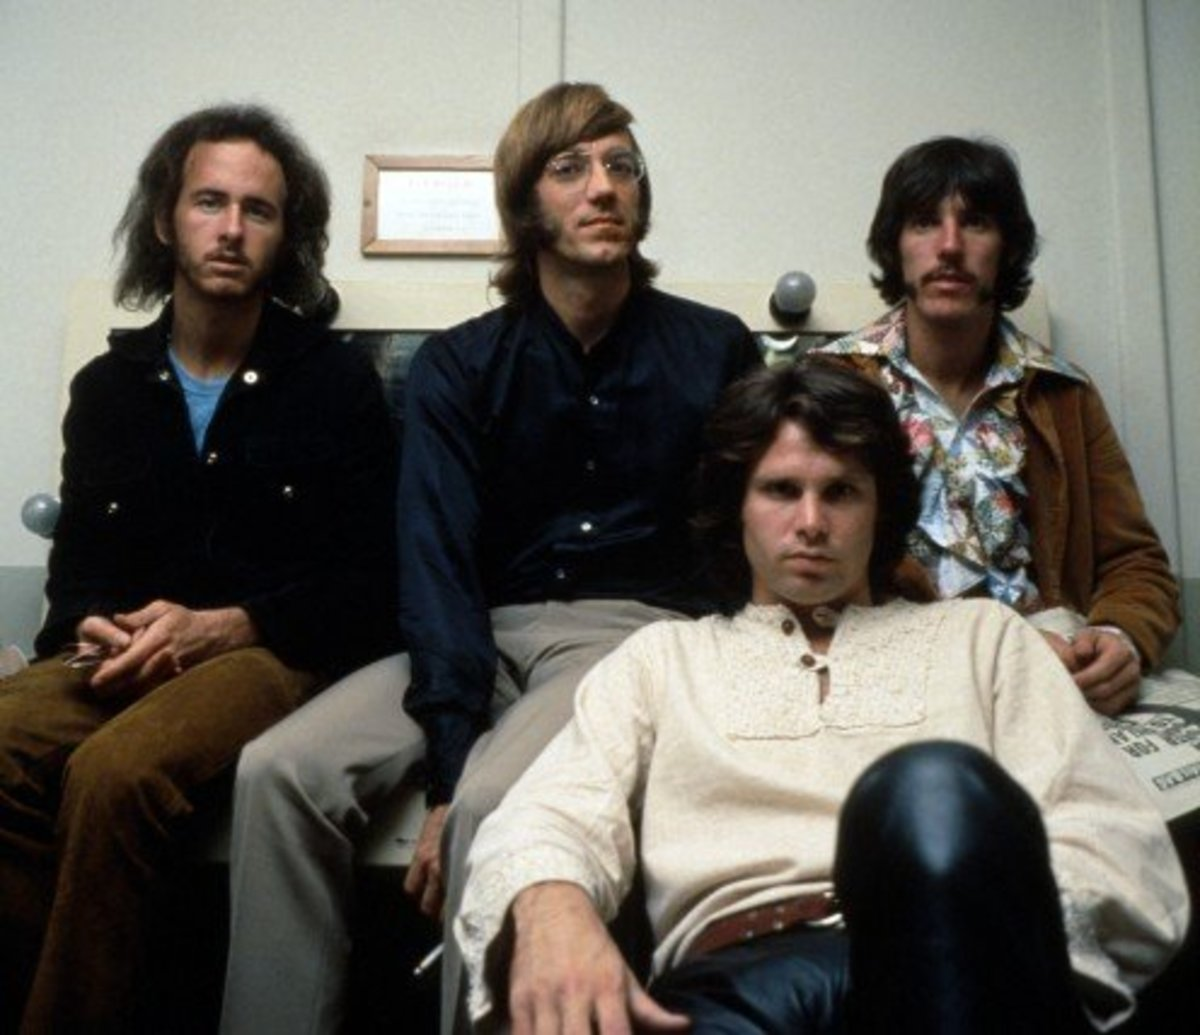 Robbie Krieger (upper left) with the Doors